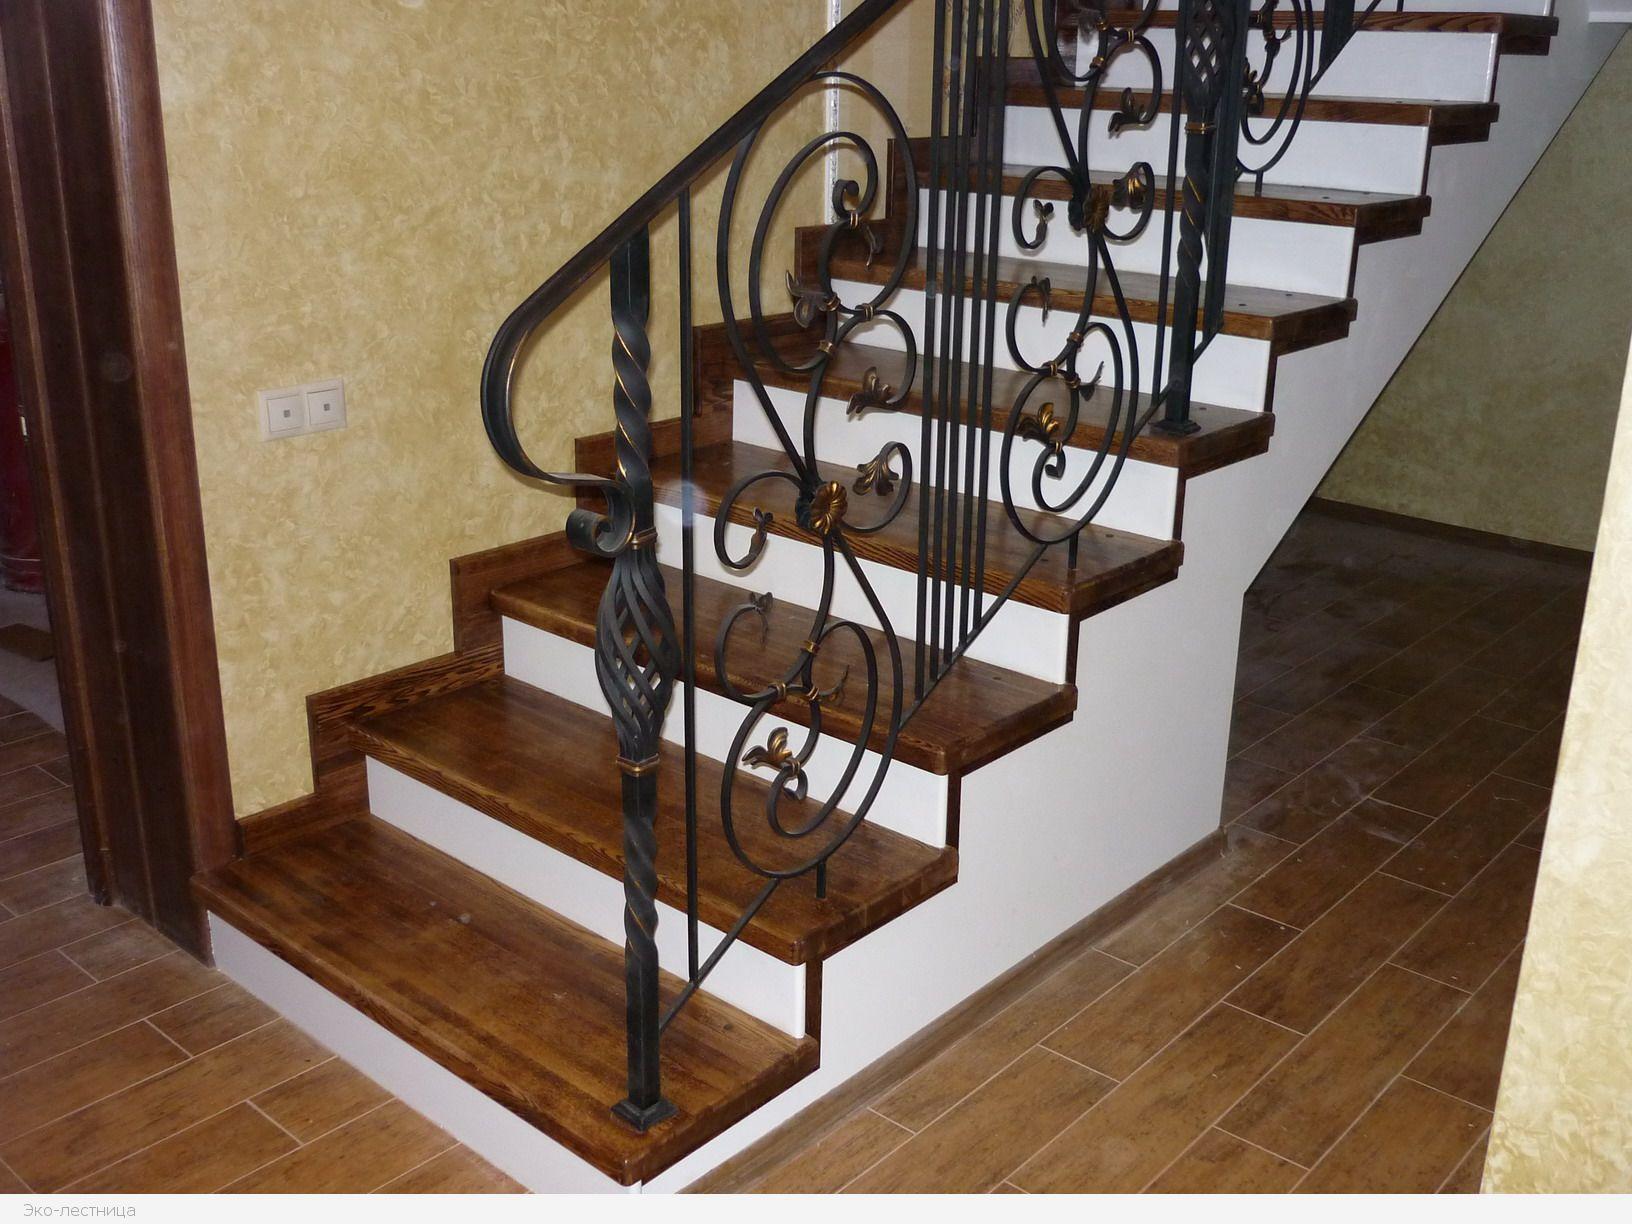 Можно обшить деревом только ступени бетонной лестницы. Контрастная отделка смотрится очень эффектно